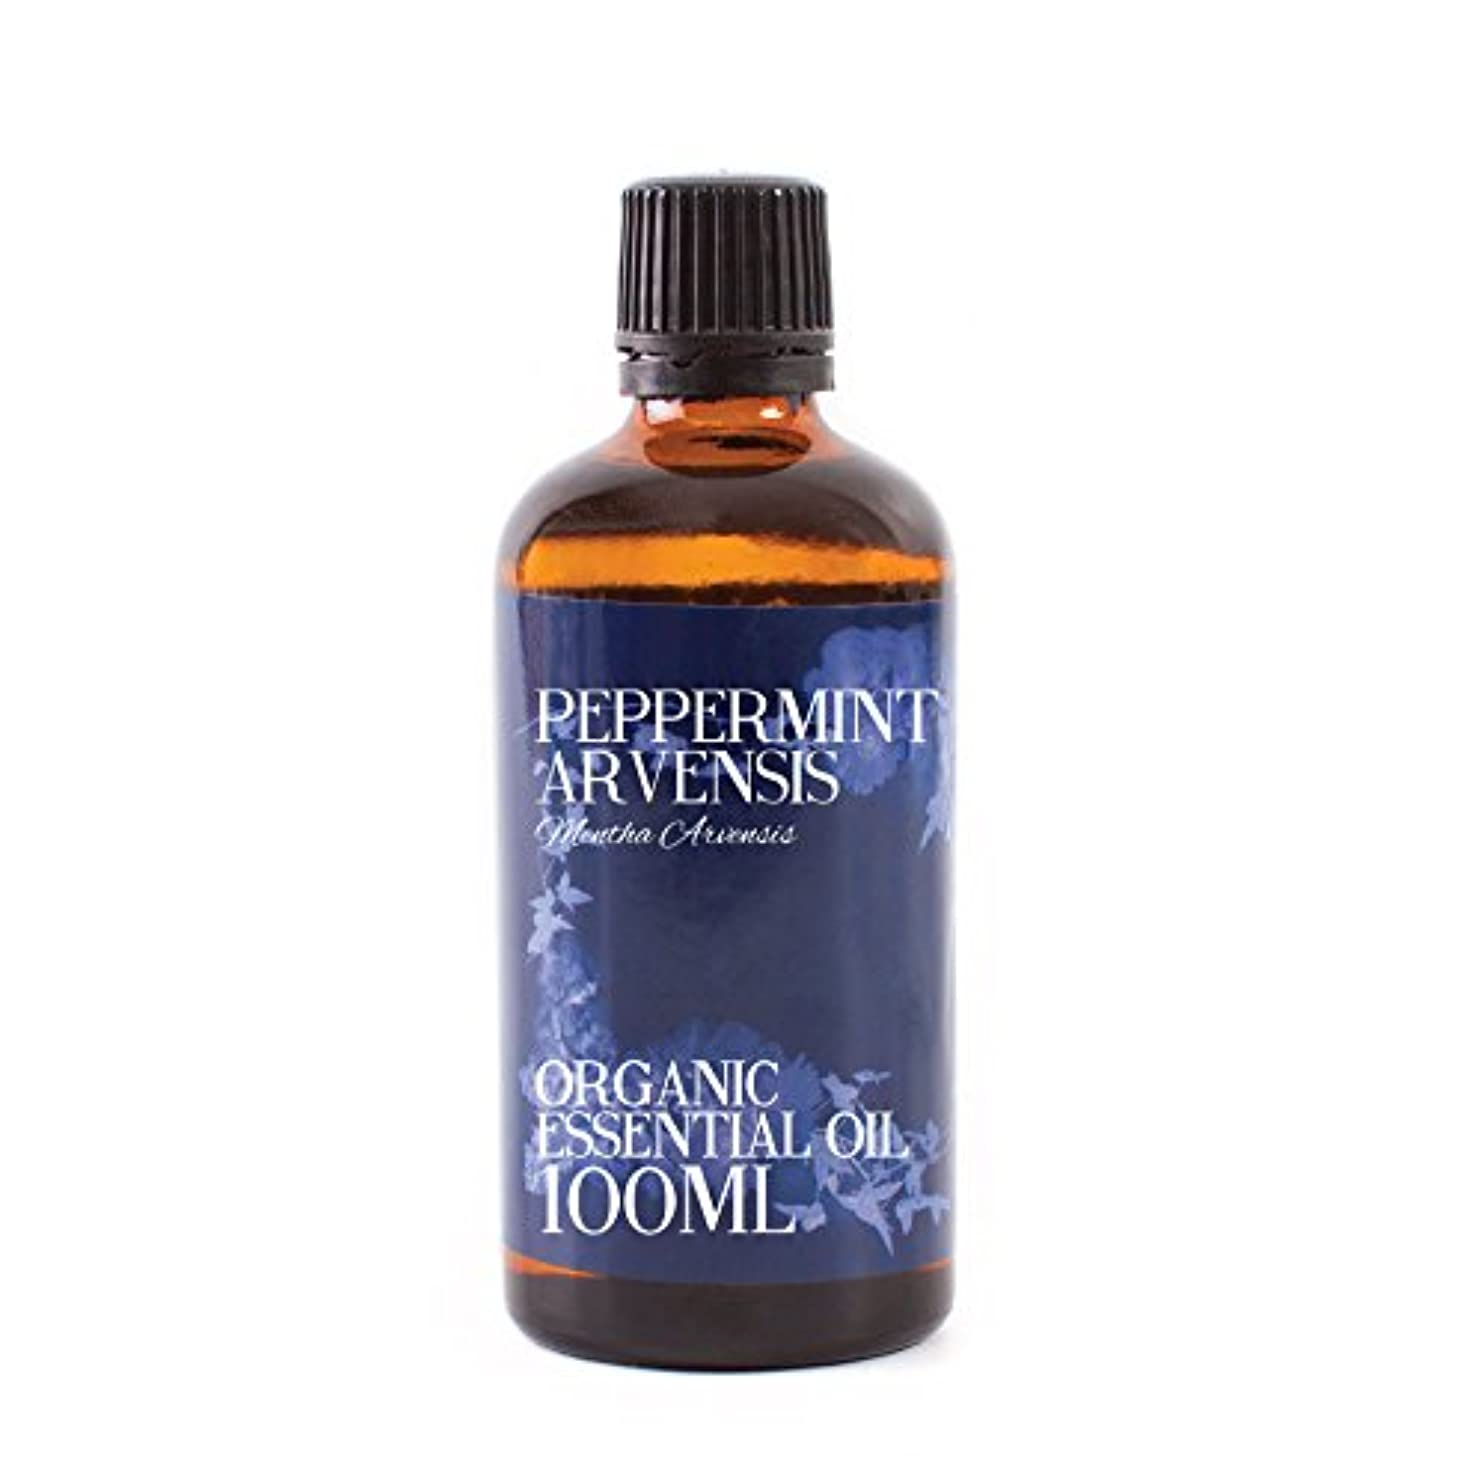 スケジュール魅了する間に合わせMystic Moments | Peppermint Arvensis Organic Essential Oil - 100ml - 100% Pure